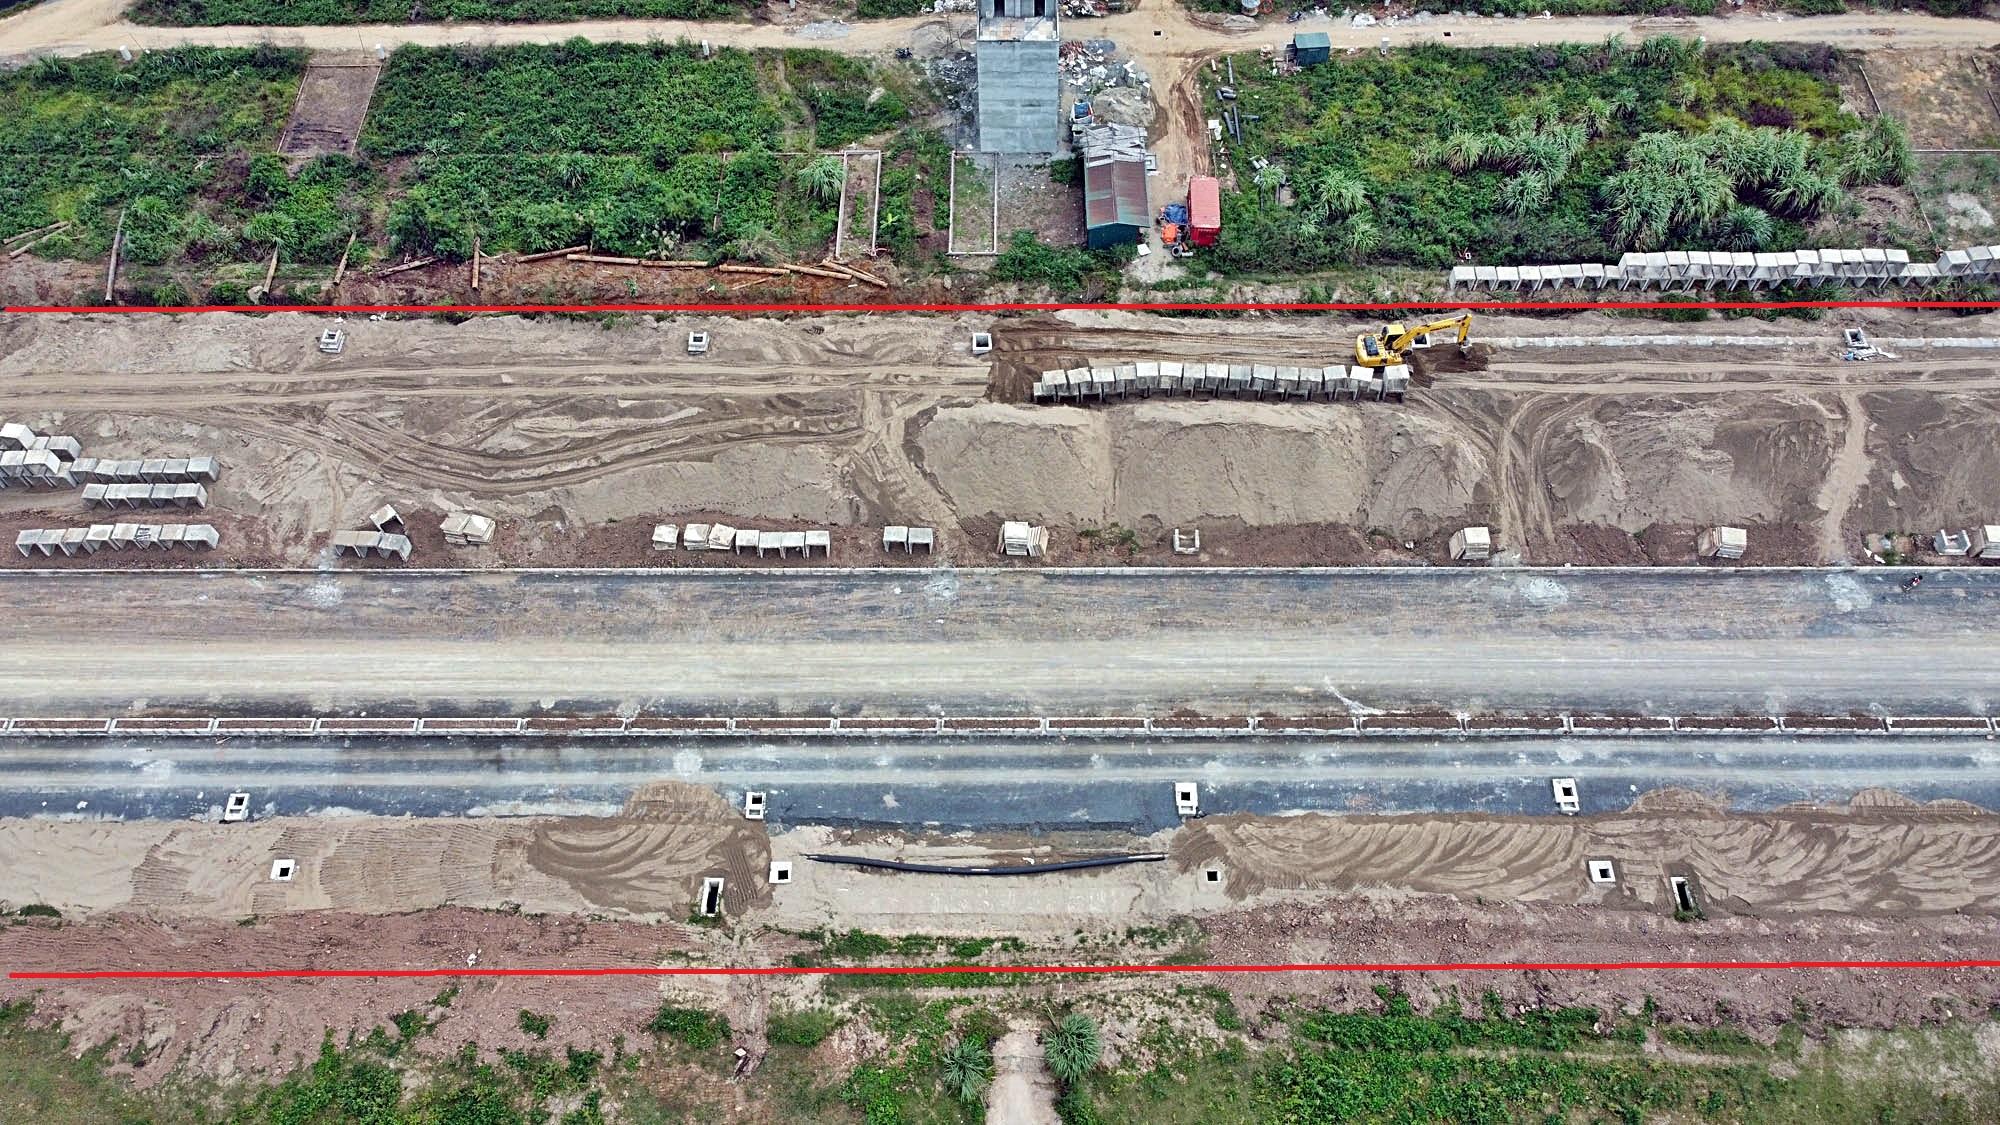 Toàn cảnh đường Vành đai 3,5 đang thi công qua huyện Hoài Đức, Hà Nội - Ảnh 9.